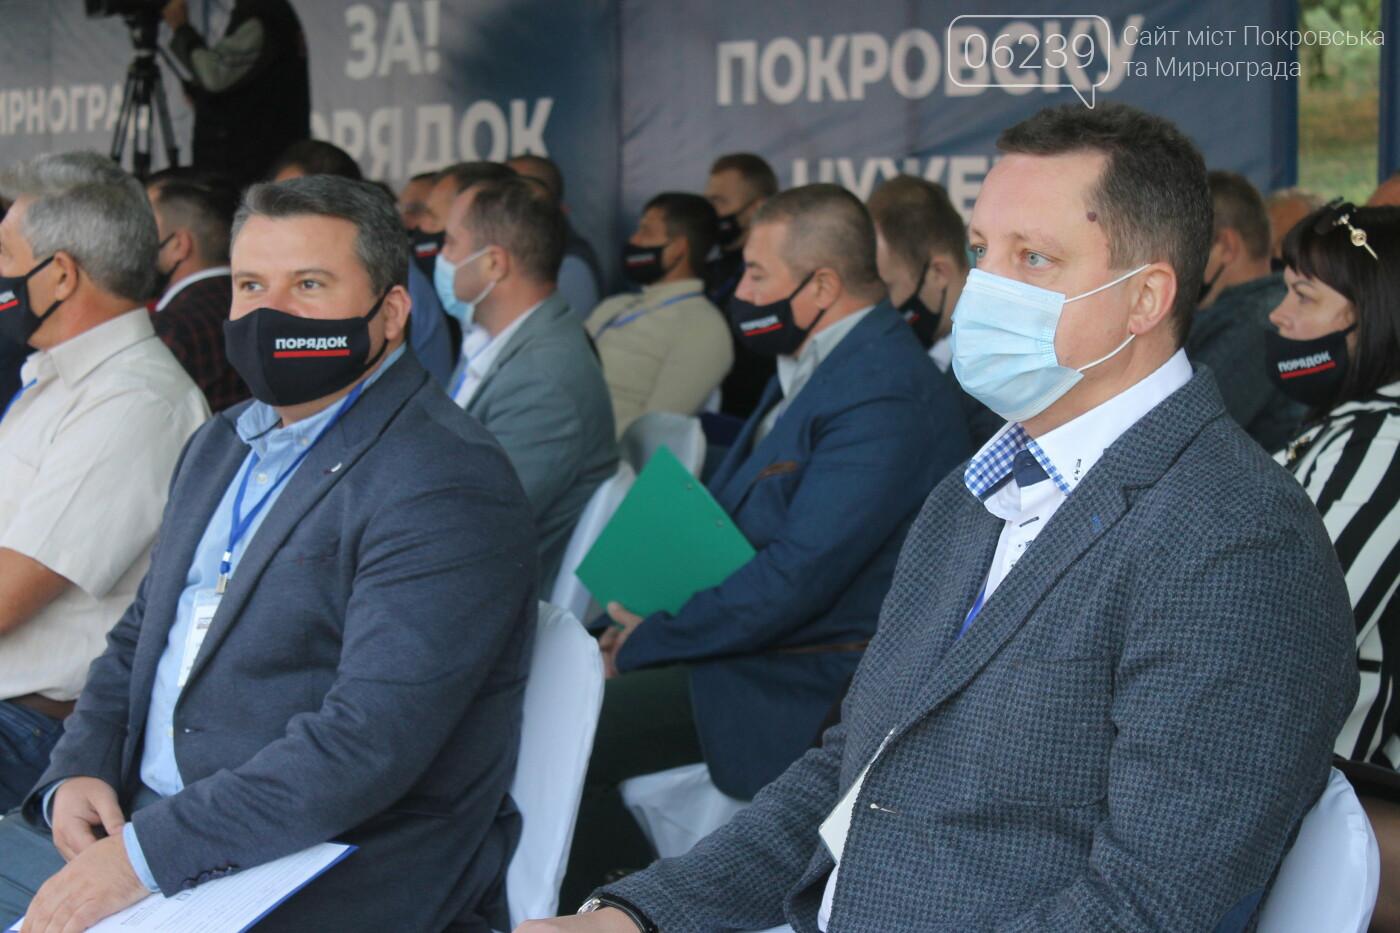 По инициативе лидера партии «Порядок» Леонида Байсарова состоялся Совет трудовых коллективов предприятий Покровска и Мирнограда, фото-7